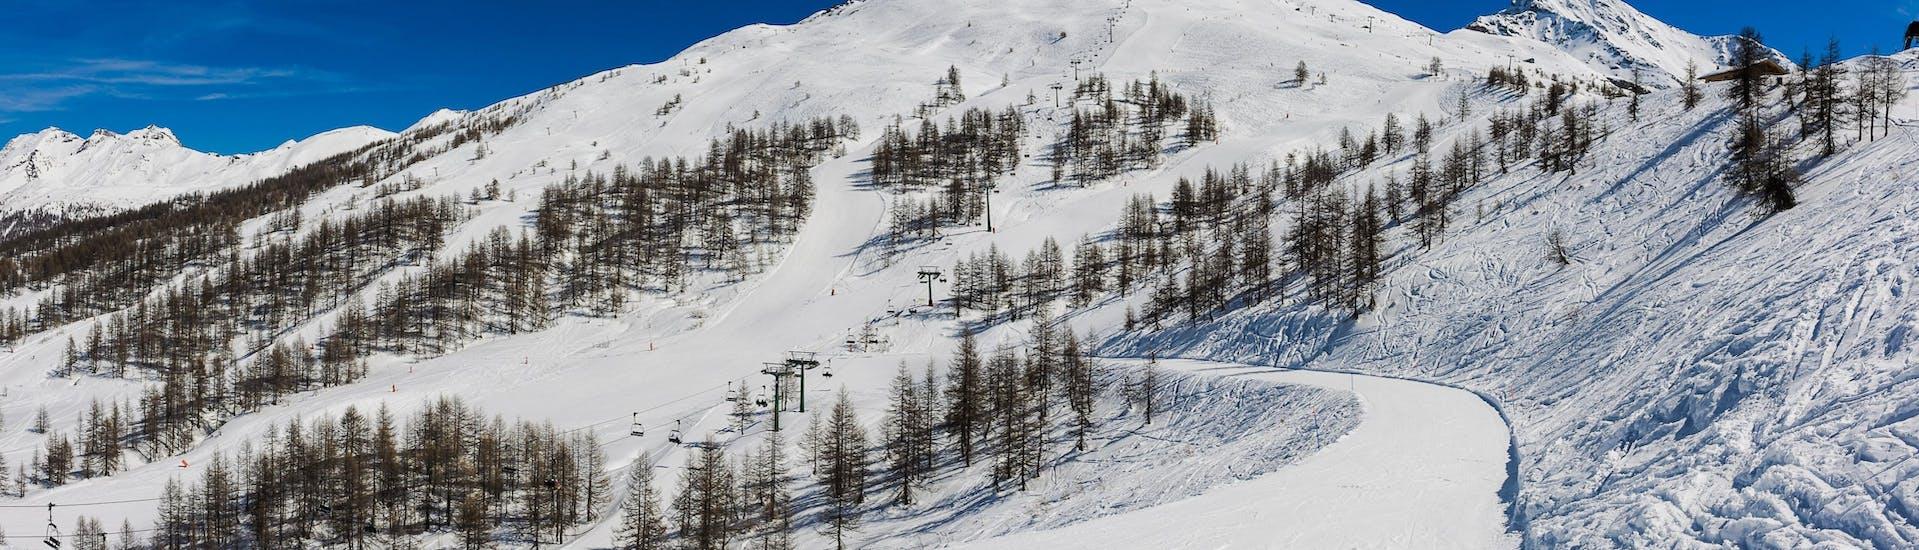 Una visuale sulle piste di Vialattea, dove le scuole di sci locali offrono una vasta gamma di lezioni di sci.